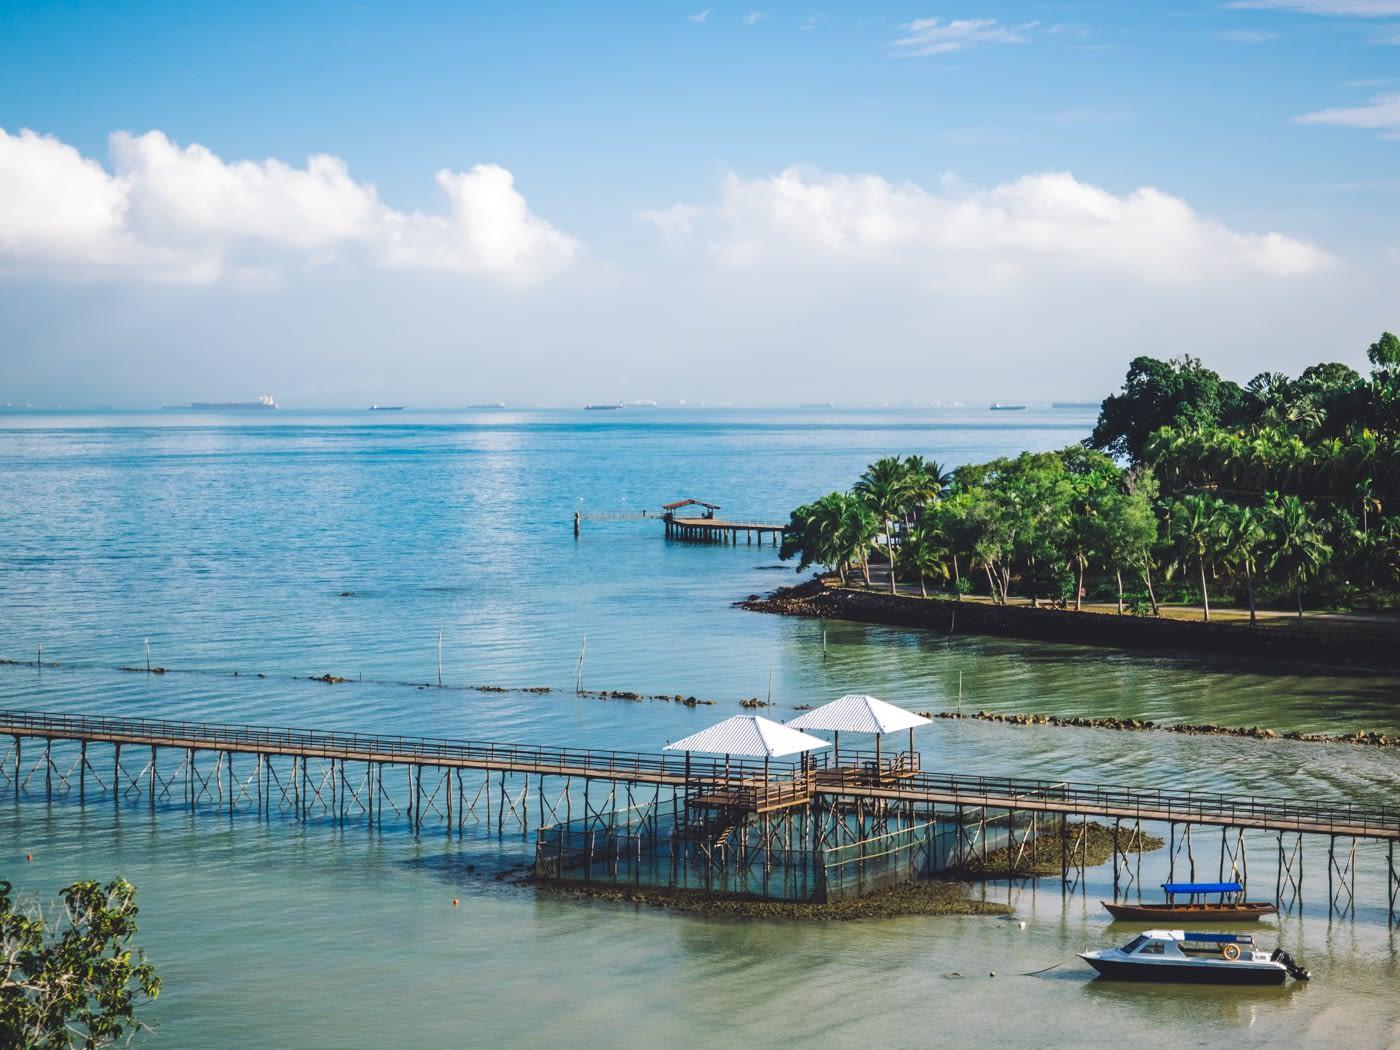 Indonesia - Montigo - Shades of blue & green